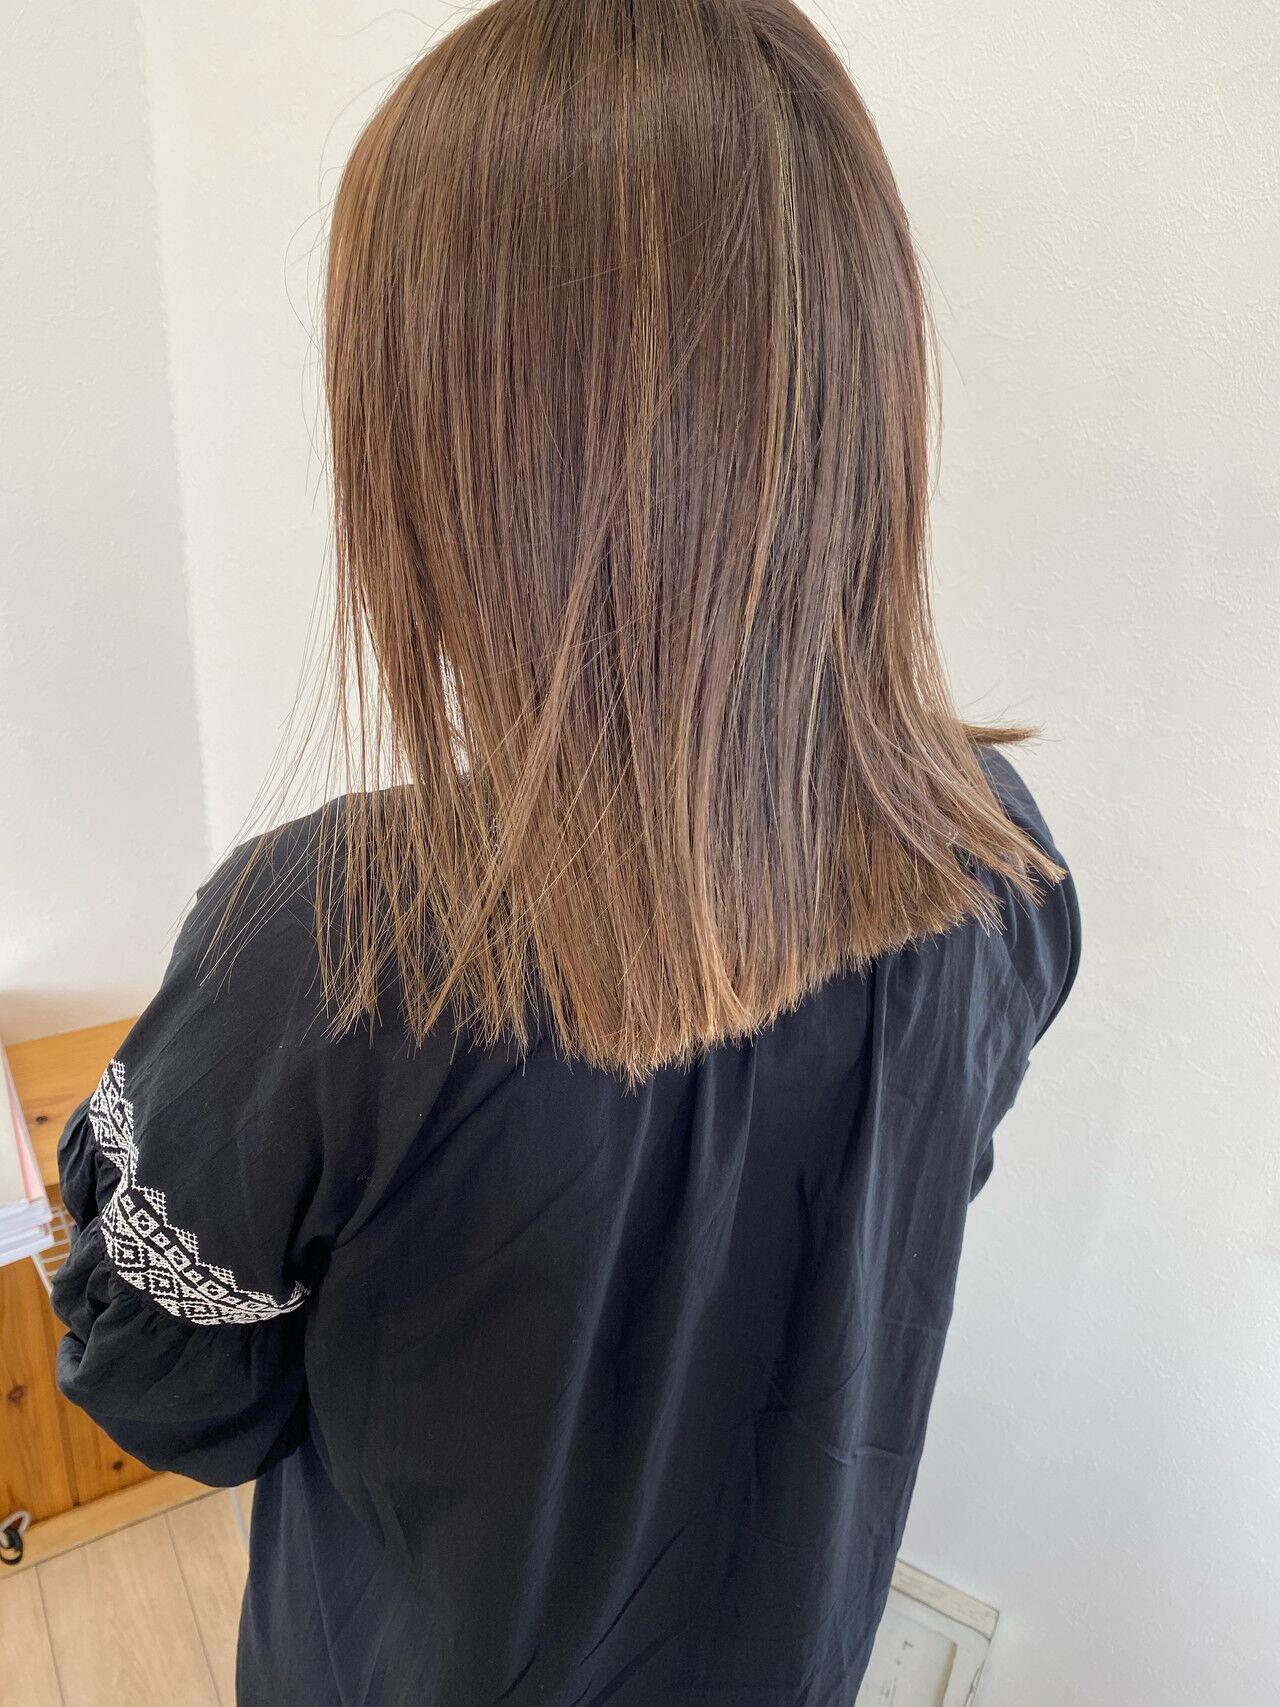 セミロング モード ストレート 切りっぱなしヘアスタイルや髪型の写真・画像